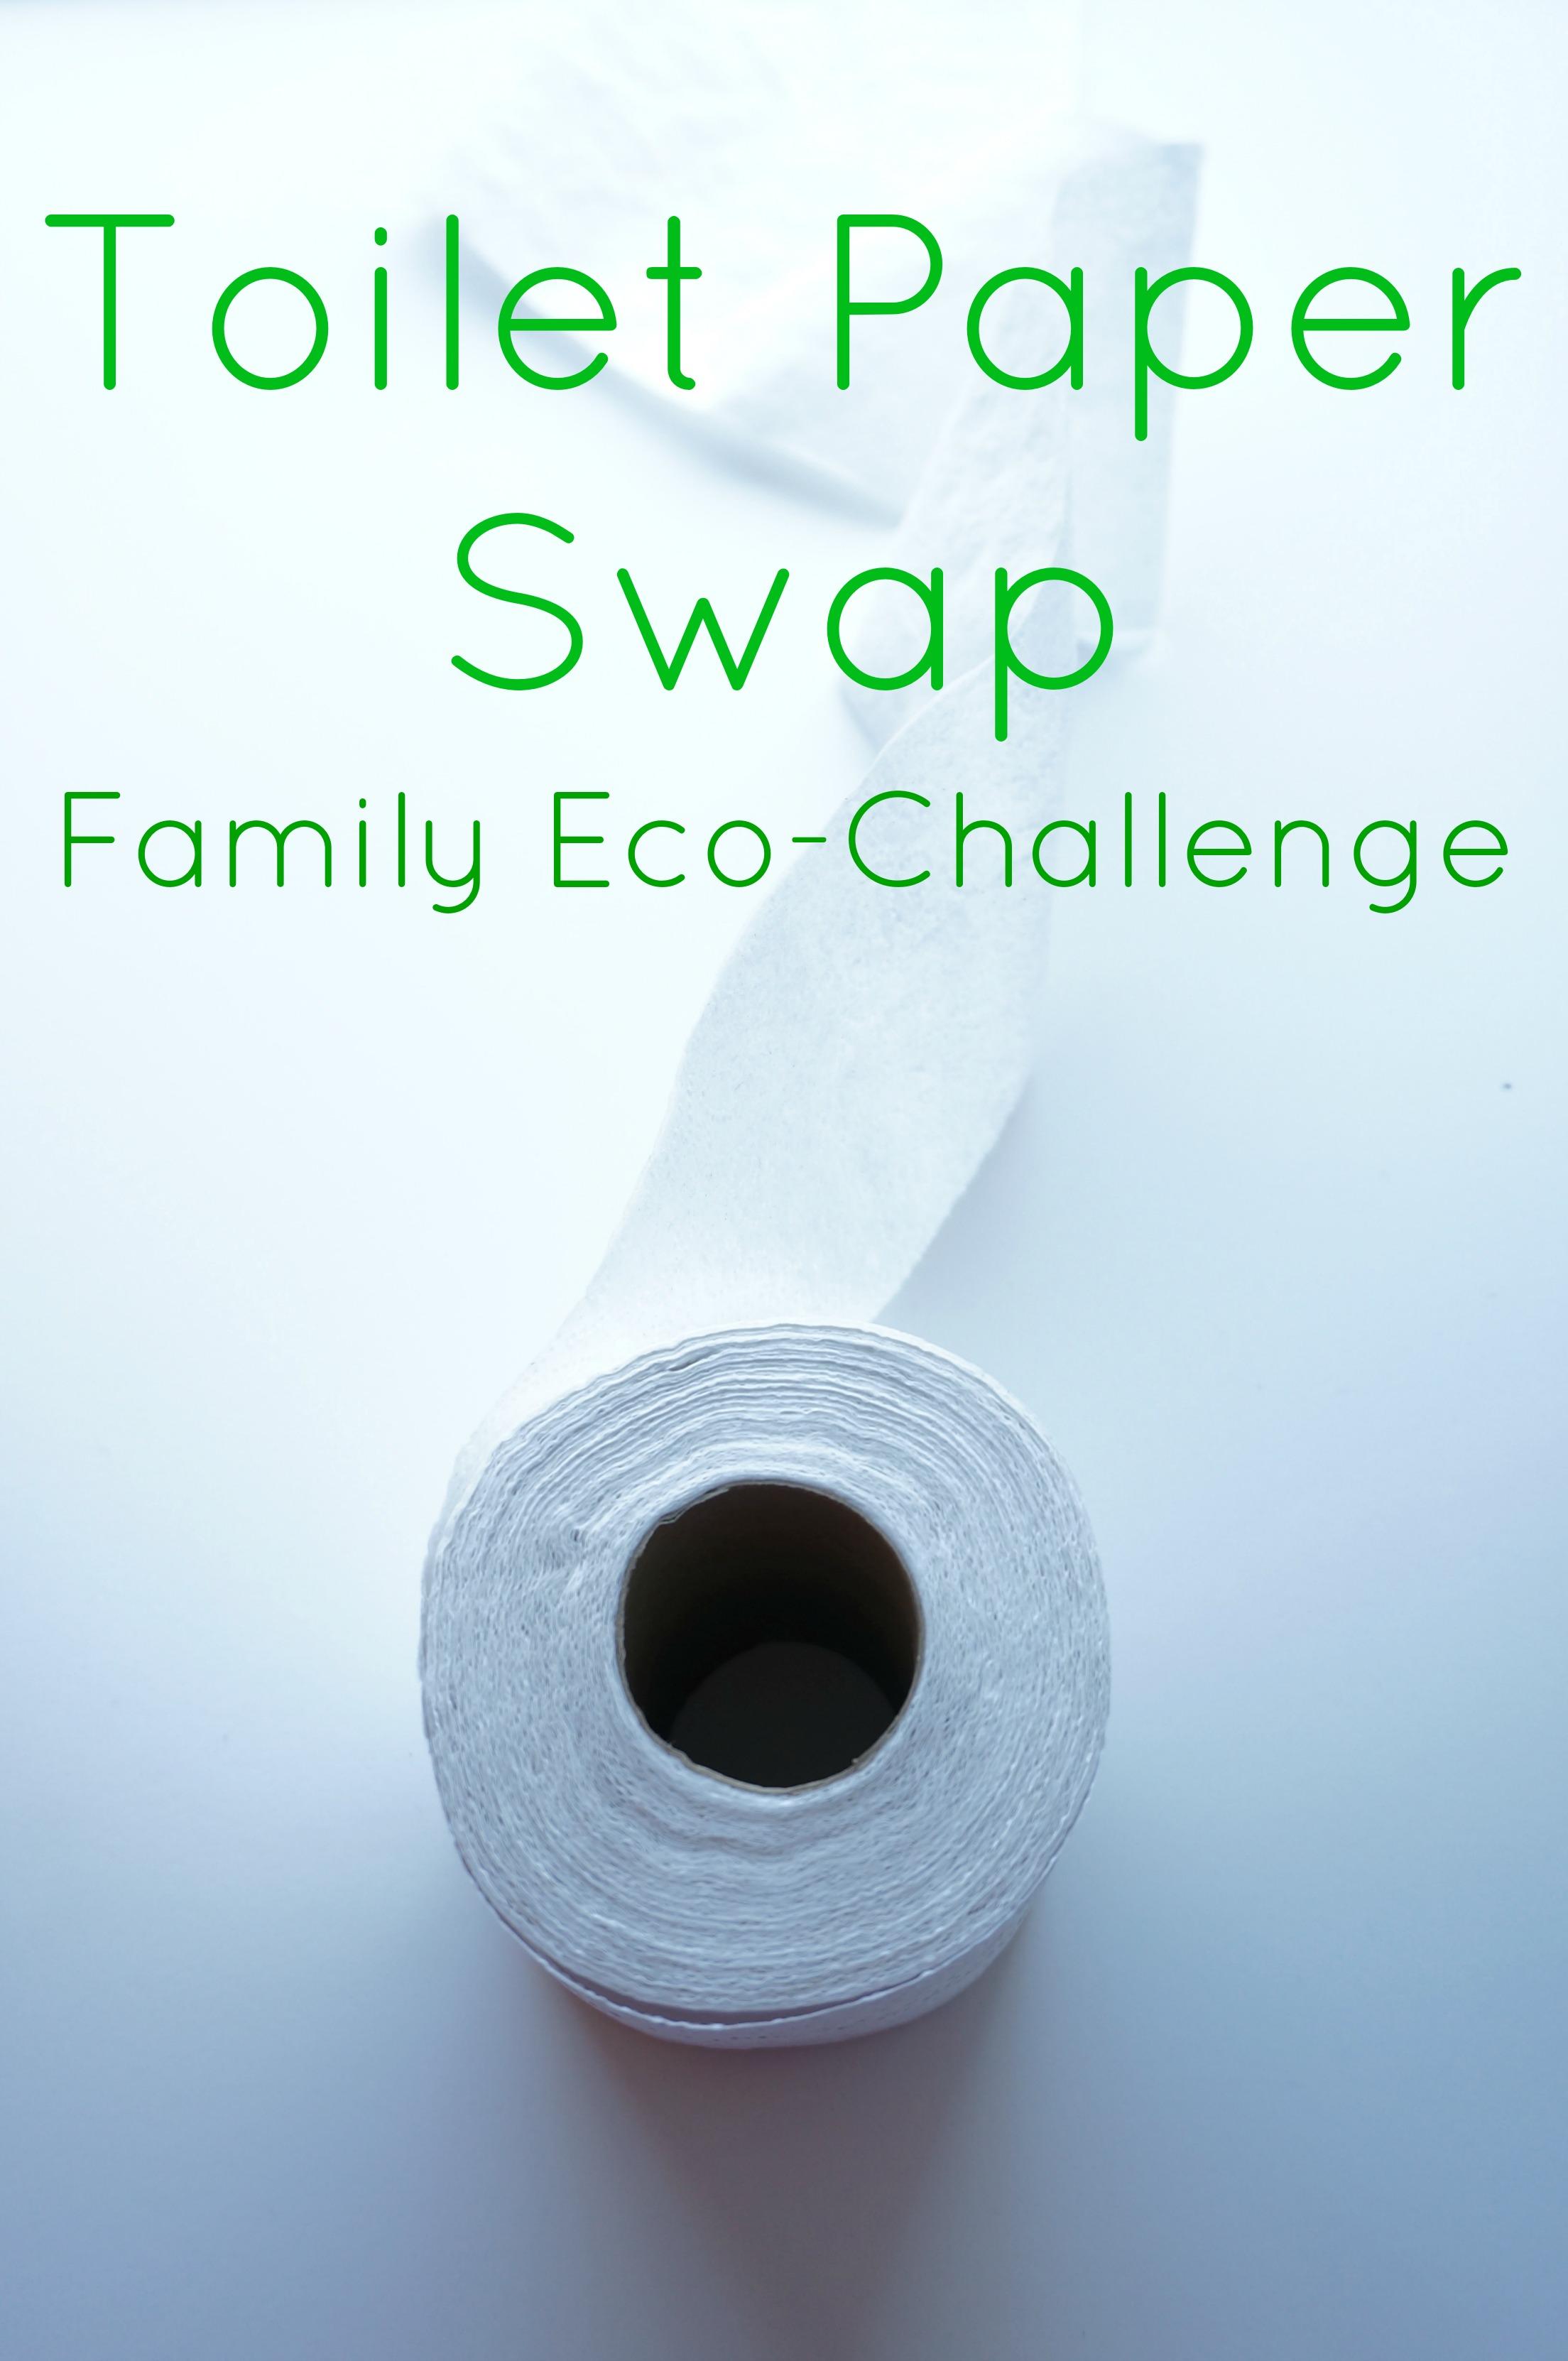 family eco-challenge toilet paper swap